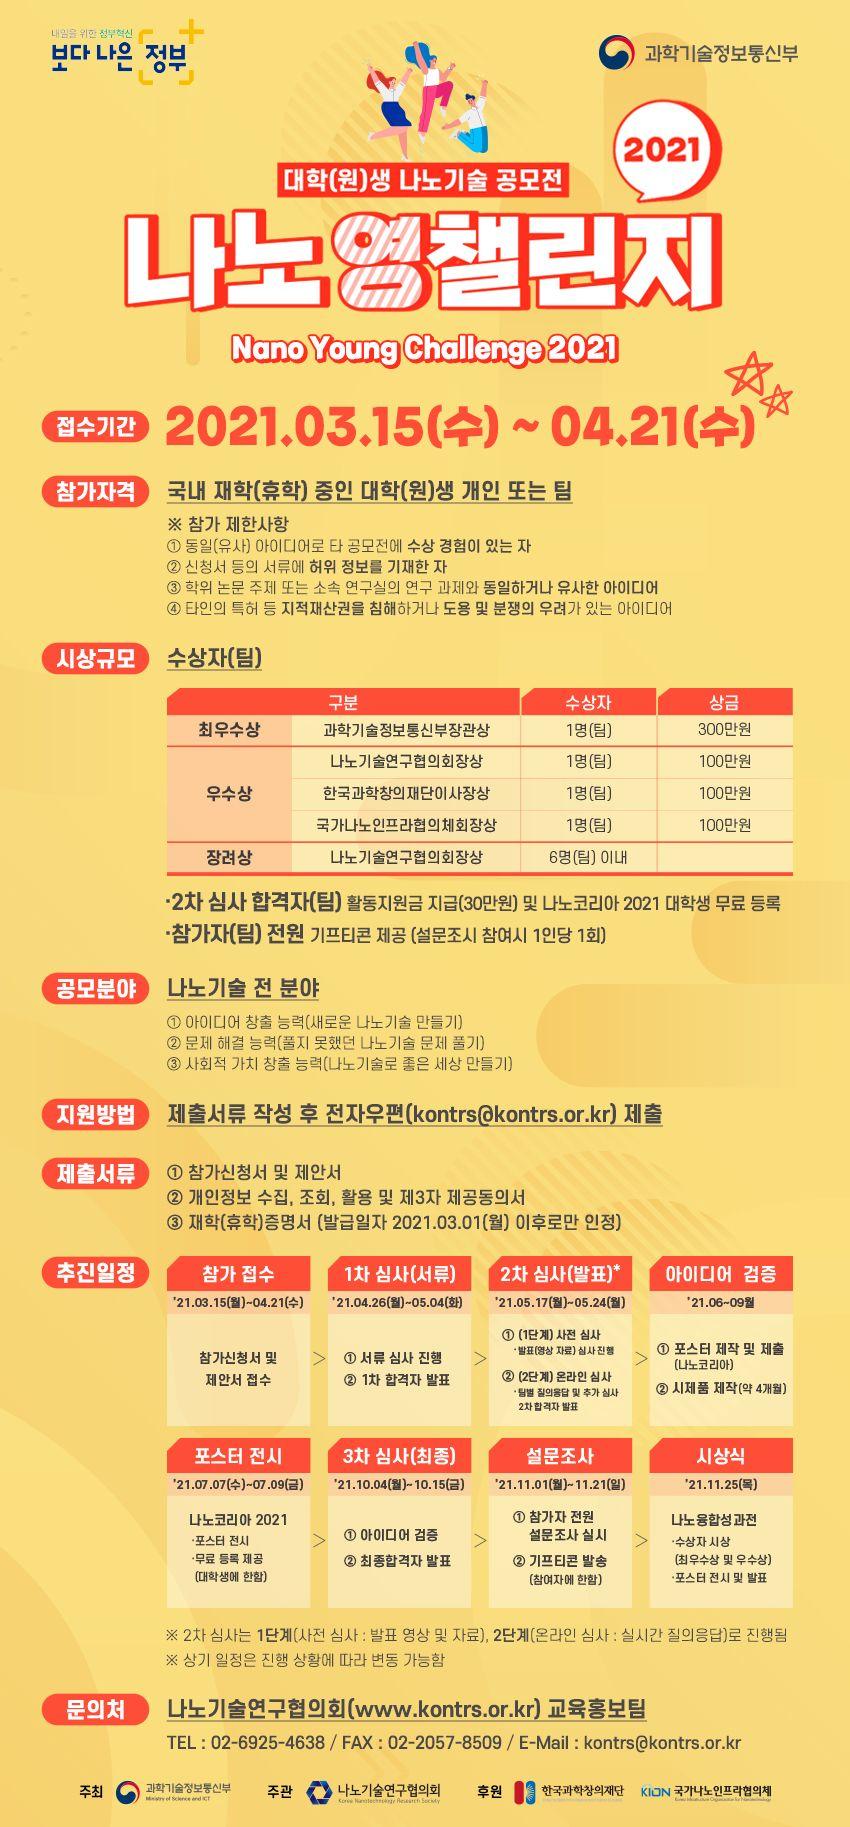 대학(원)생 나노기술 공모전 : 나노영챌린지 2021(주최 : 과학기술정보통신부)